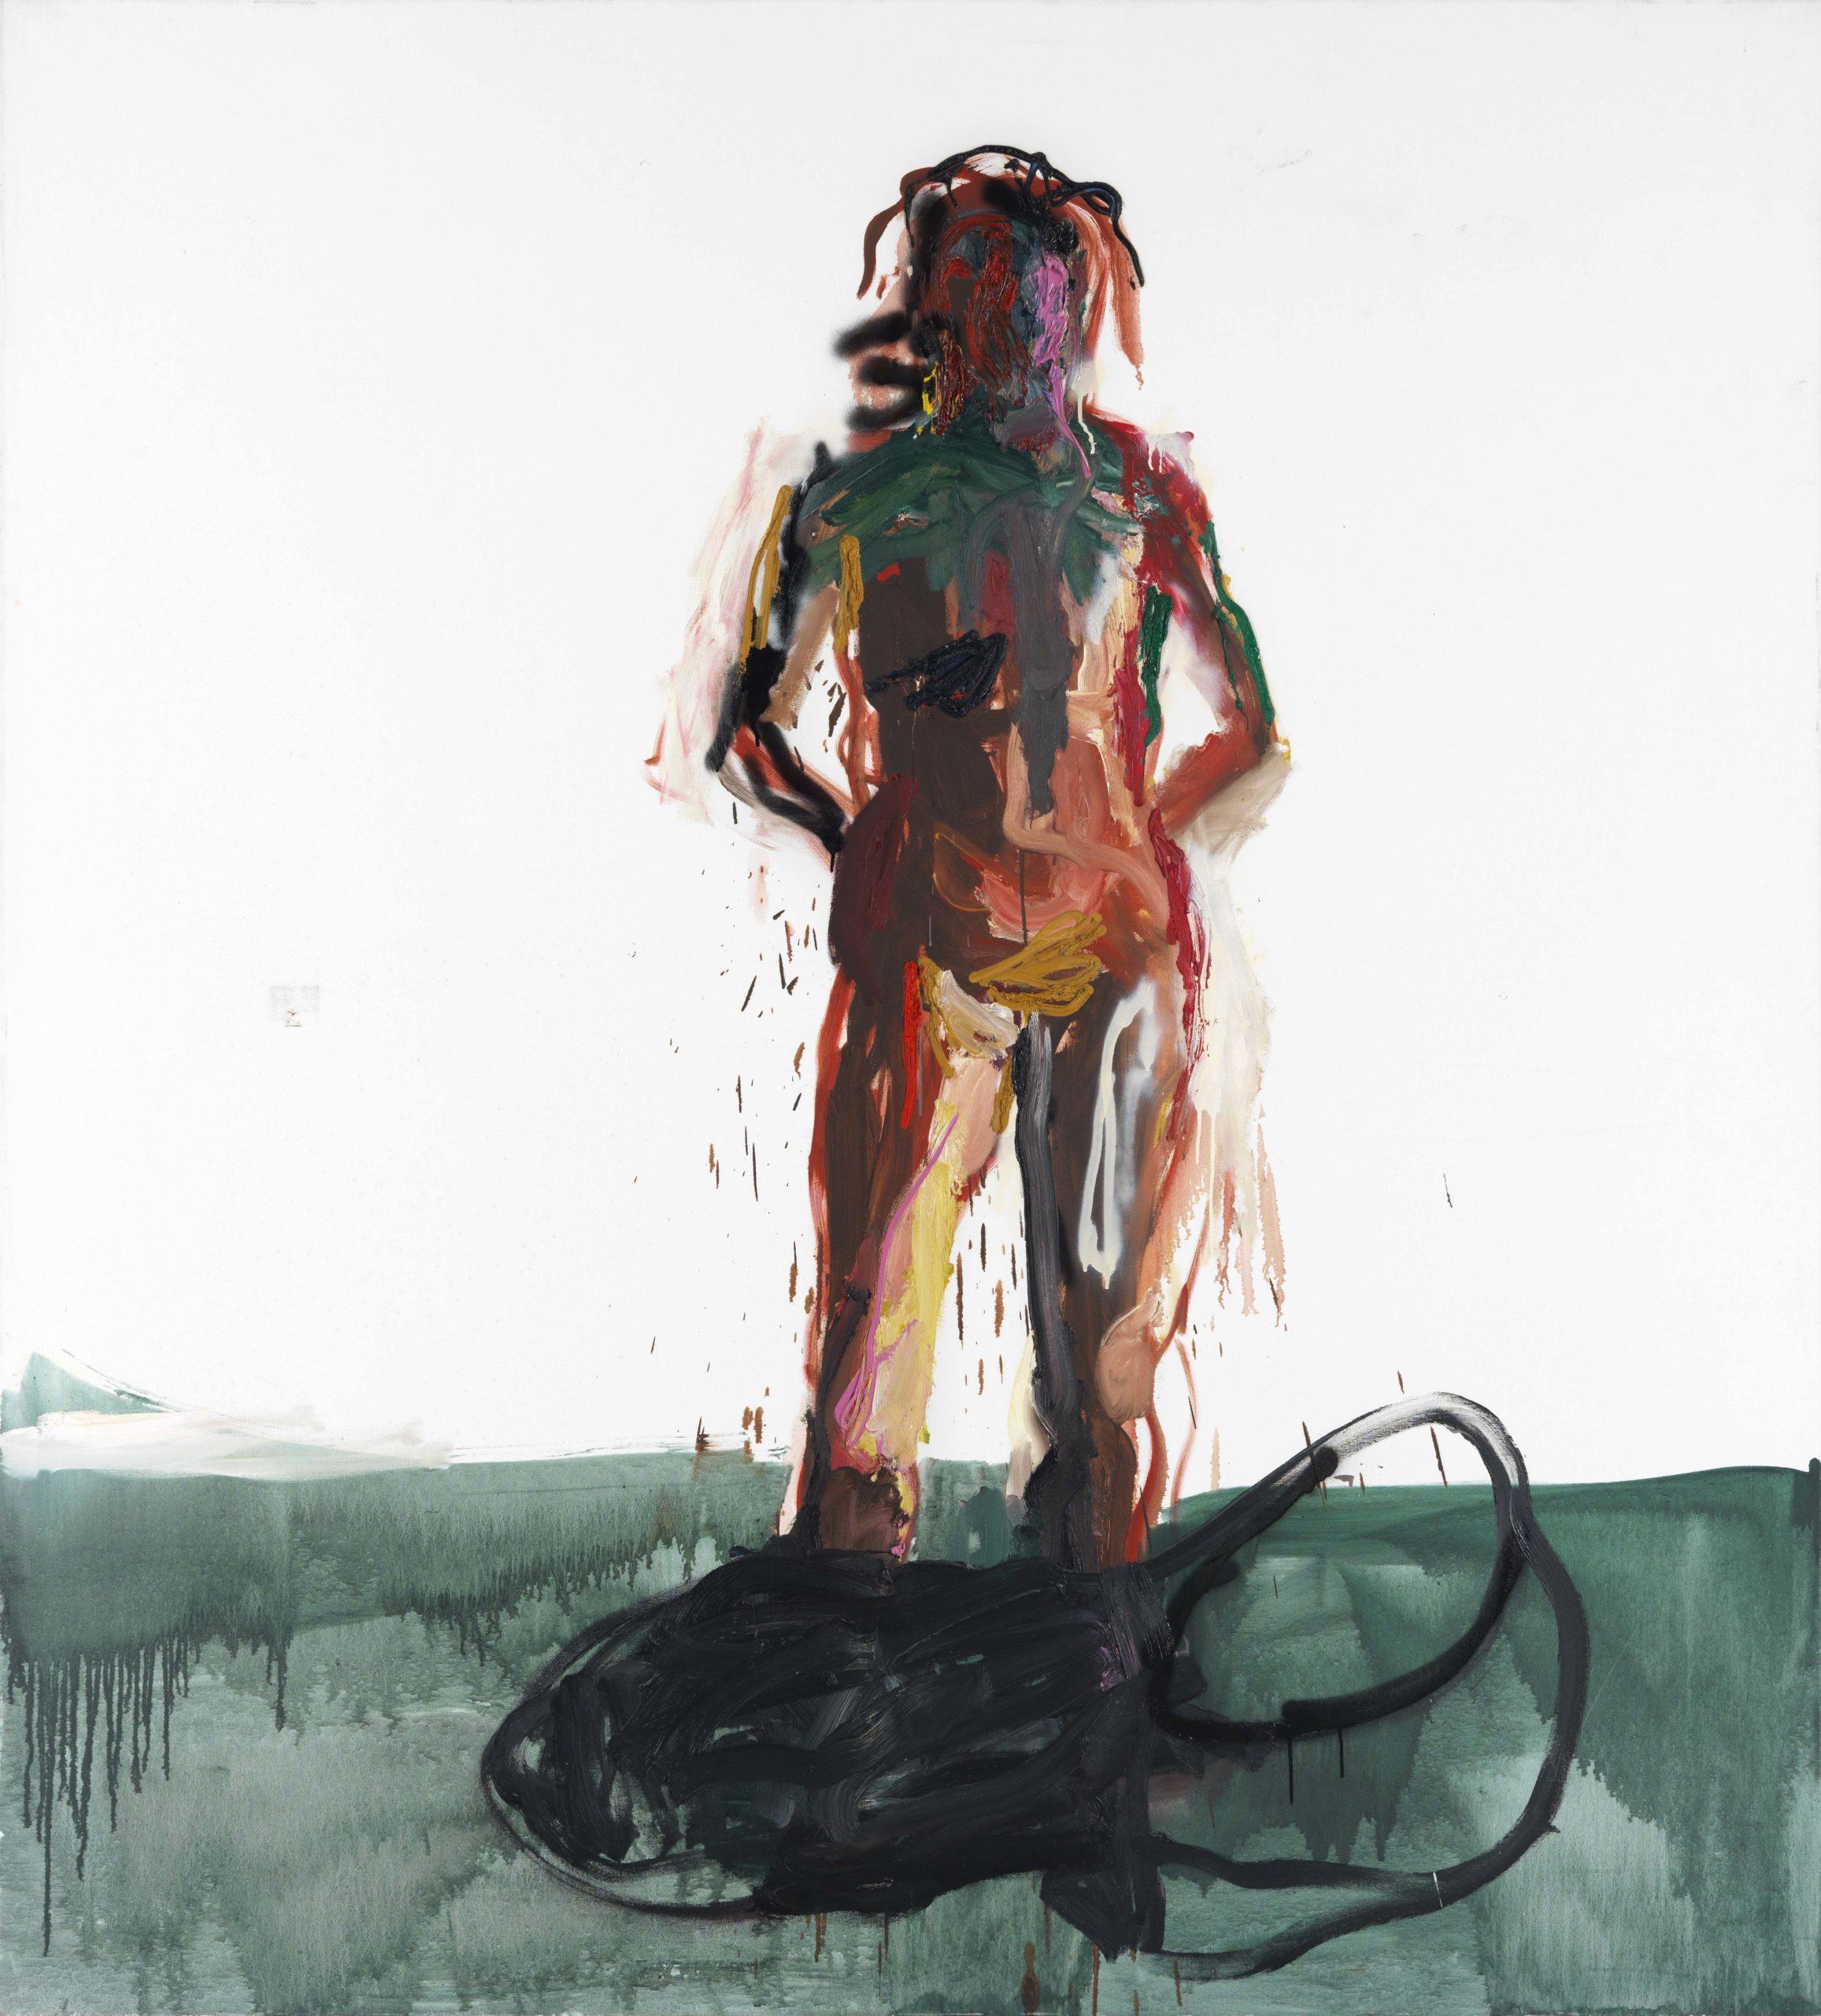 Reinhard Pods, Cordia (Cordia ist Soziologin, jetzt forscht sie in Wurzn), 1991, Öl auf Leinwand, 220 x 200 cm